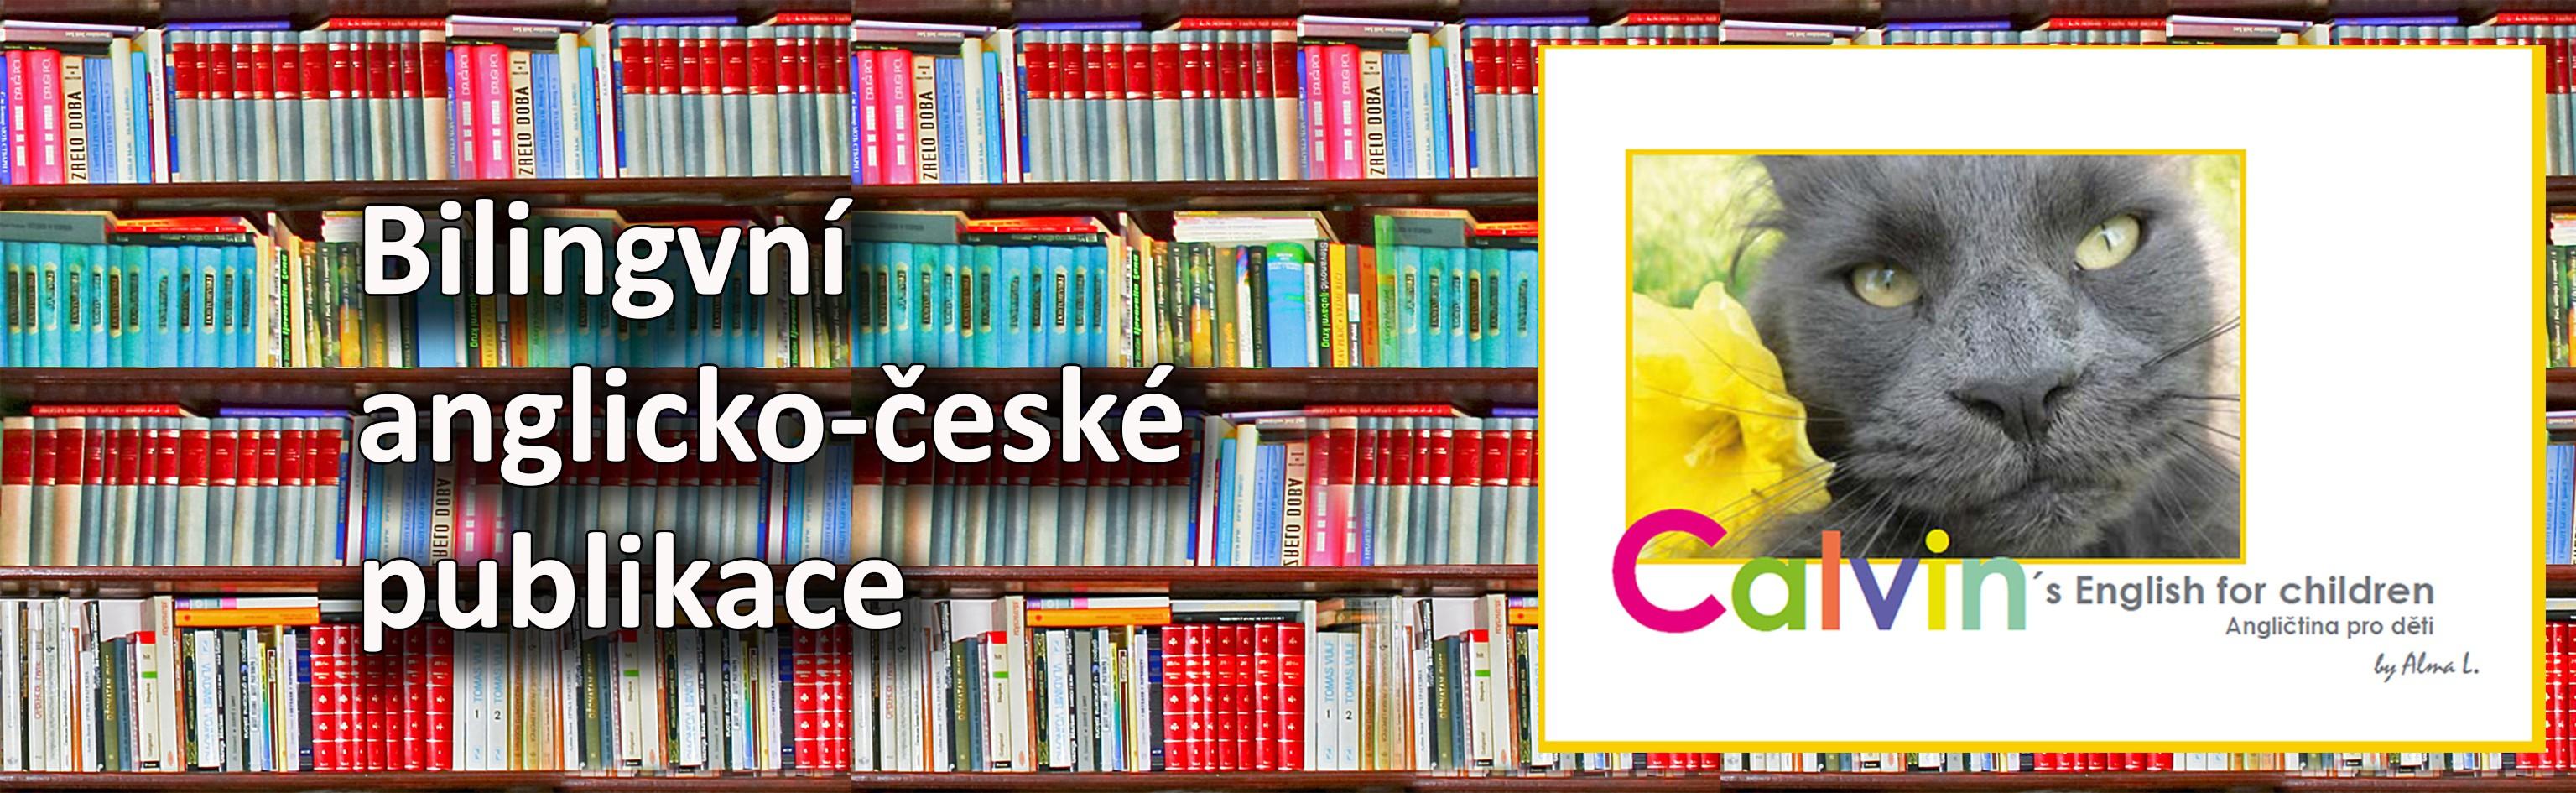 Bilingvní anglicko-české publikace